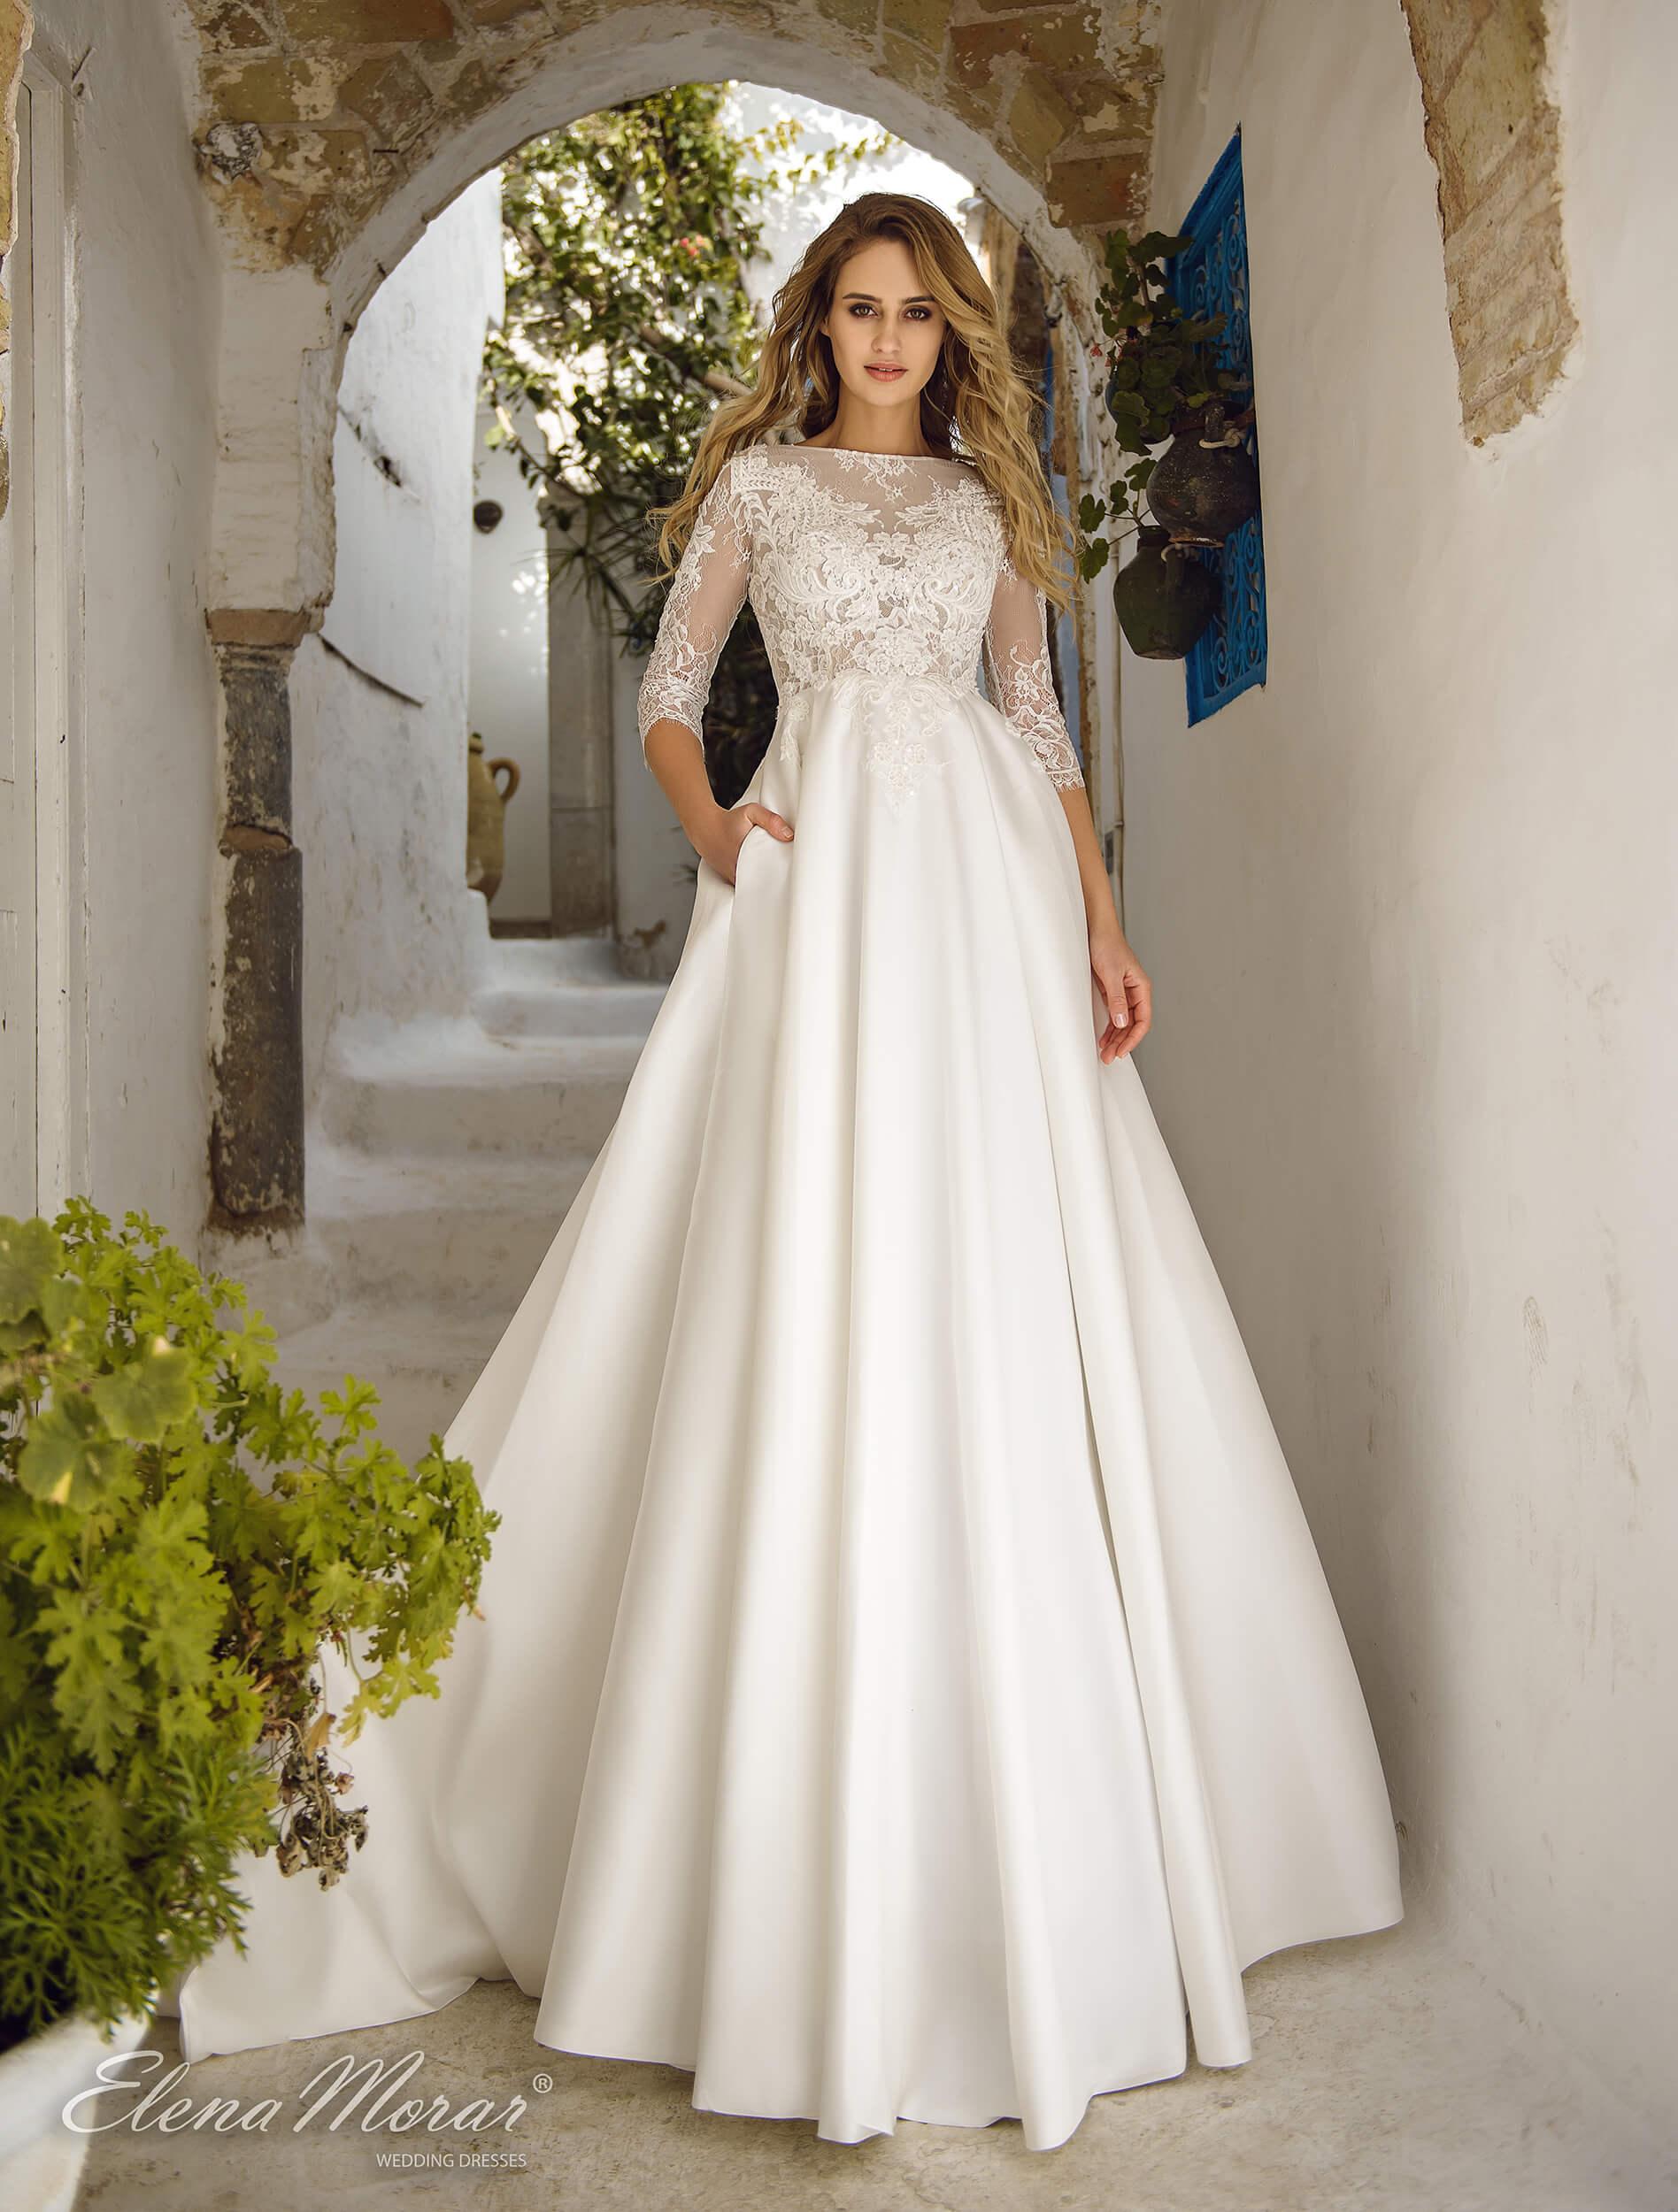 строгое свадебное платье(1) | Vero